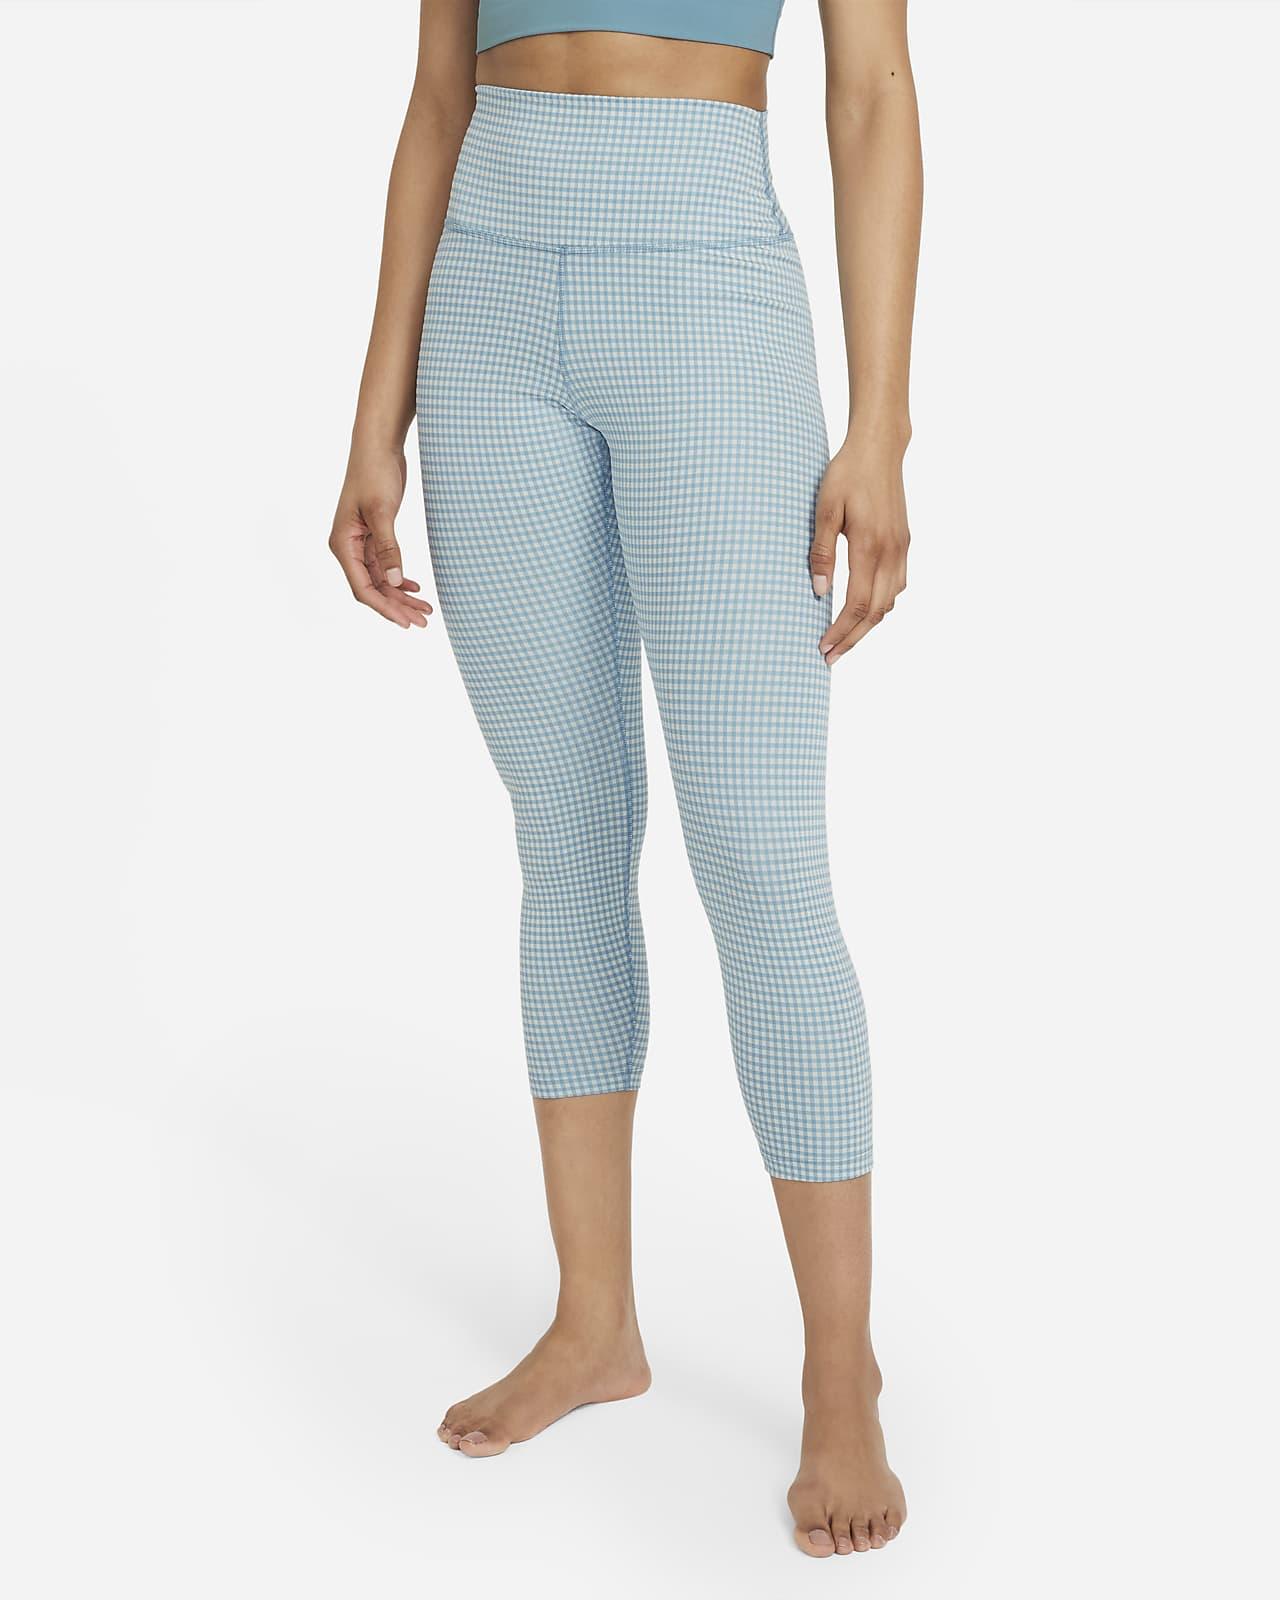 Nike Yoga 女子高腰格纹紧身中长裤